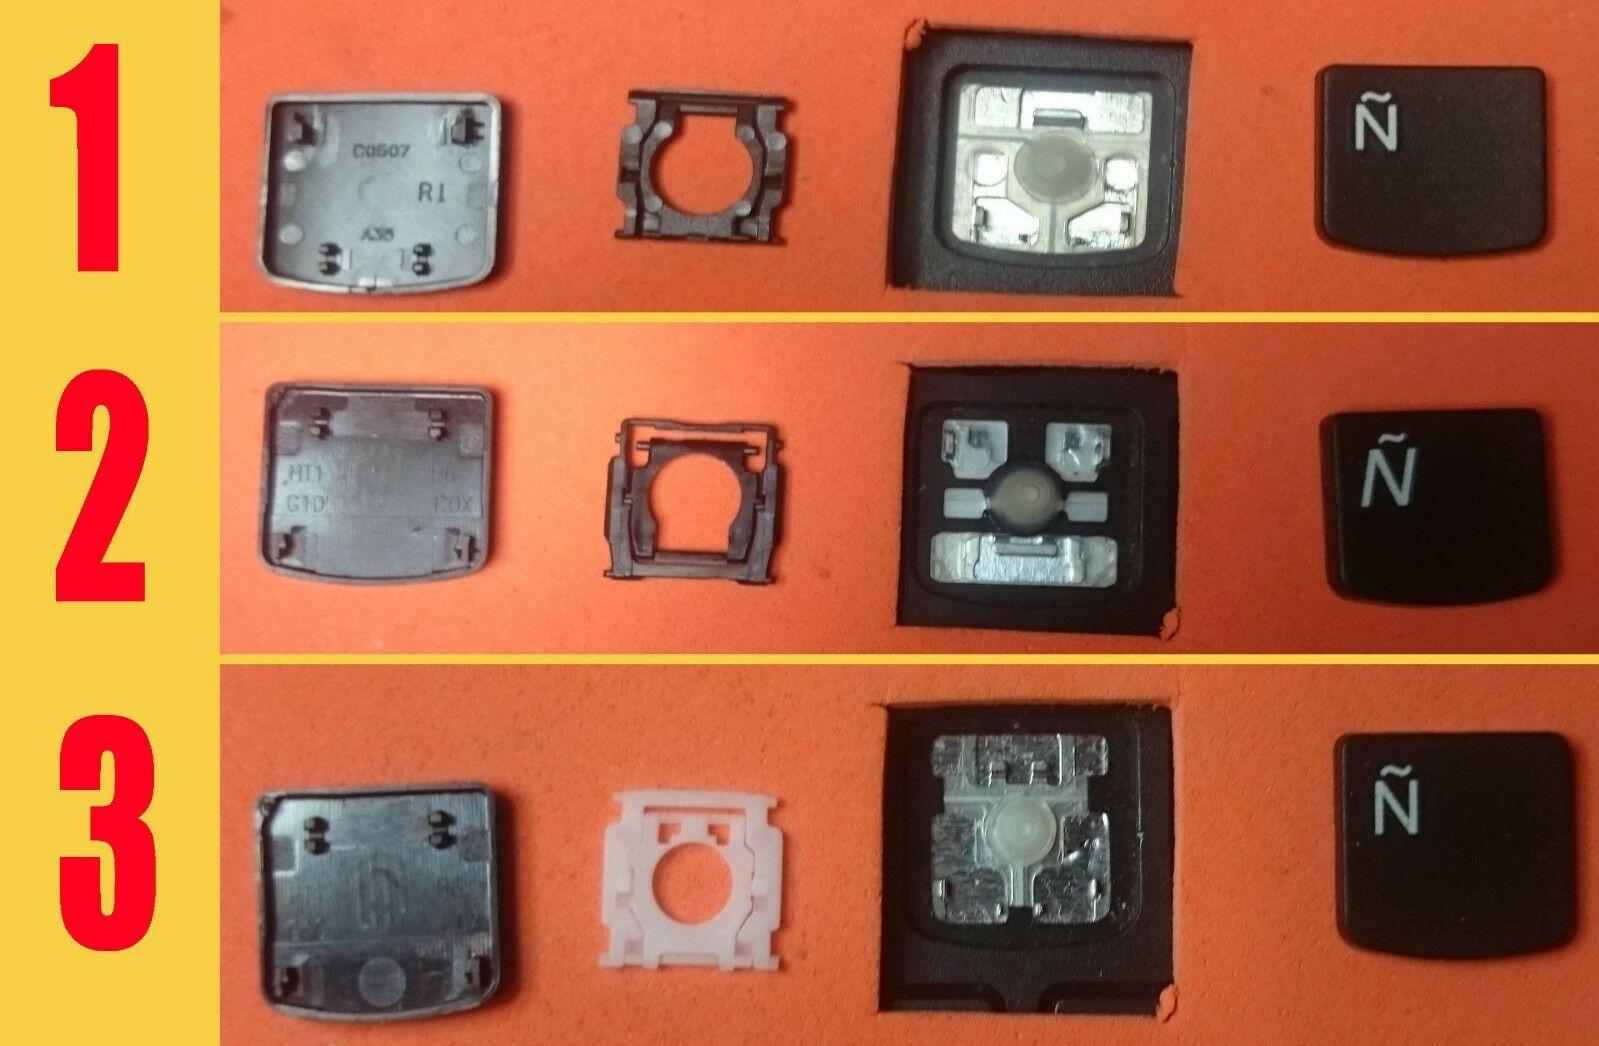 TECLA TECLAS TECLADO LENOVO IDEAPAD Z50-70 Z50-75 B50-30 B50-50 B50-45 B50-70